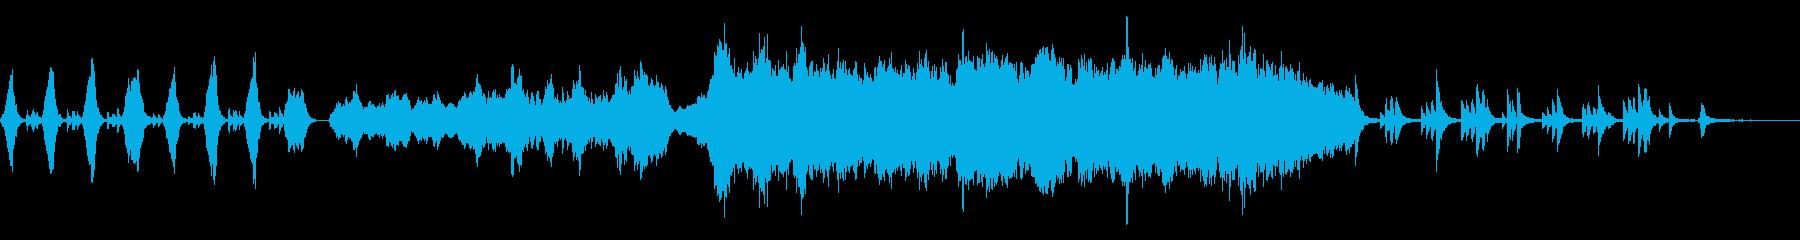 落ち着いた雰囲気の感動的なPV映像BGMの再生済みの波形